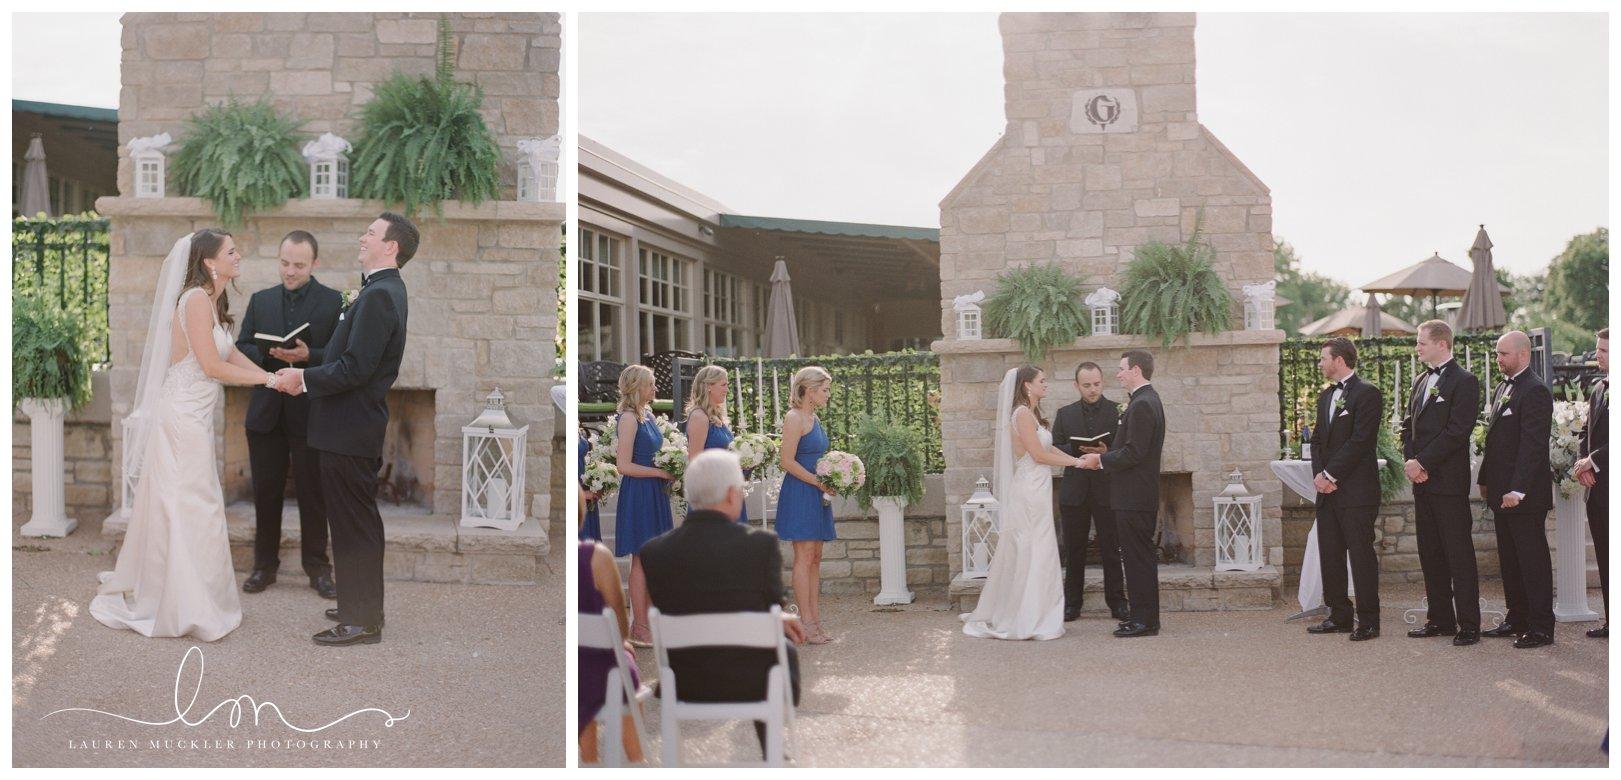 lauren muckler photography_fine art film wedding photography_st louis_photography_0241.jpg